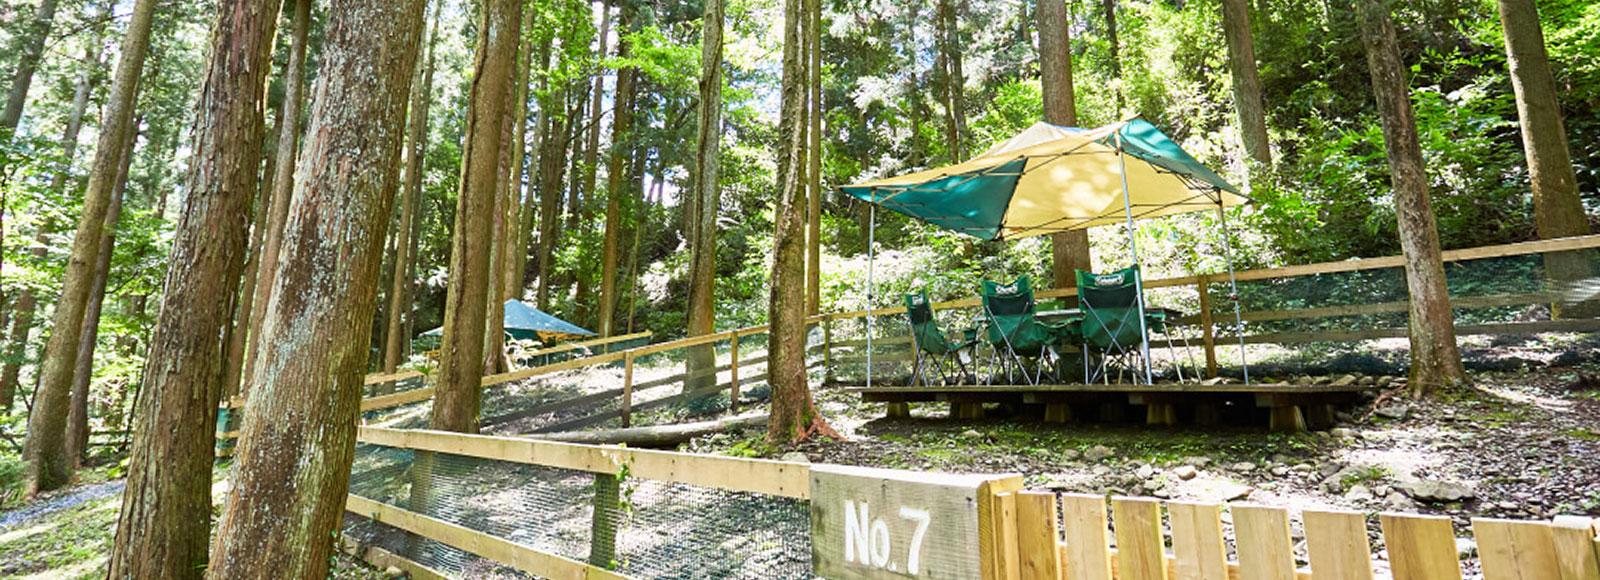 2021年夏のキャンプシーンは東京都内の自然がトレンド